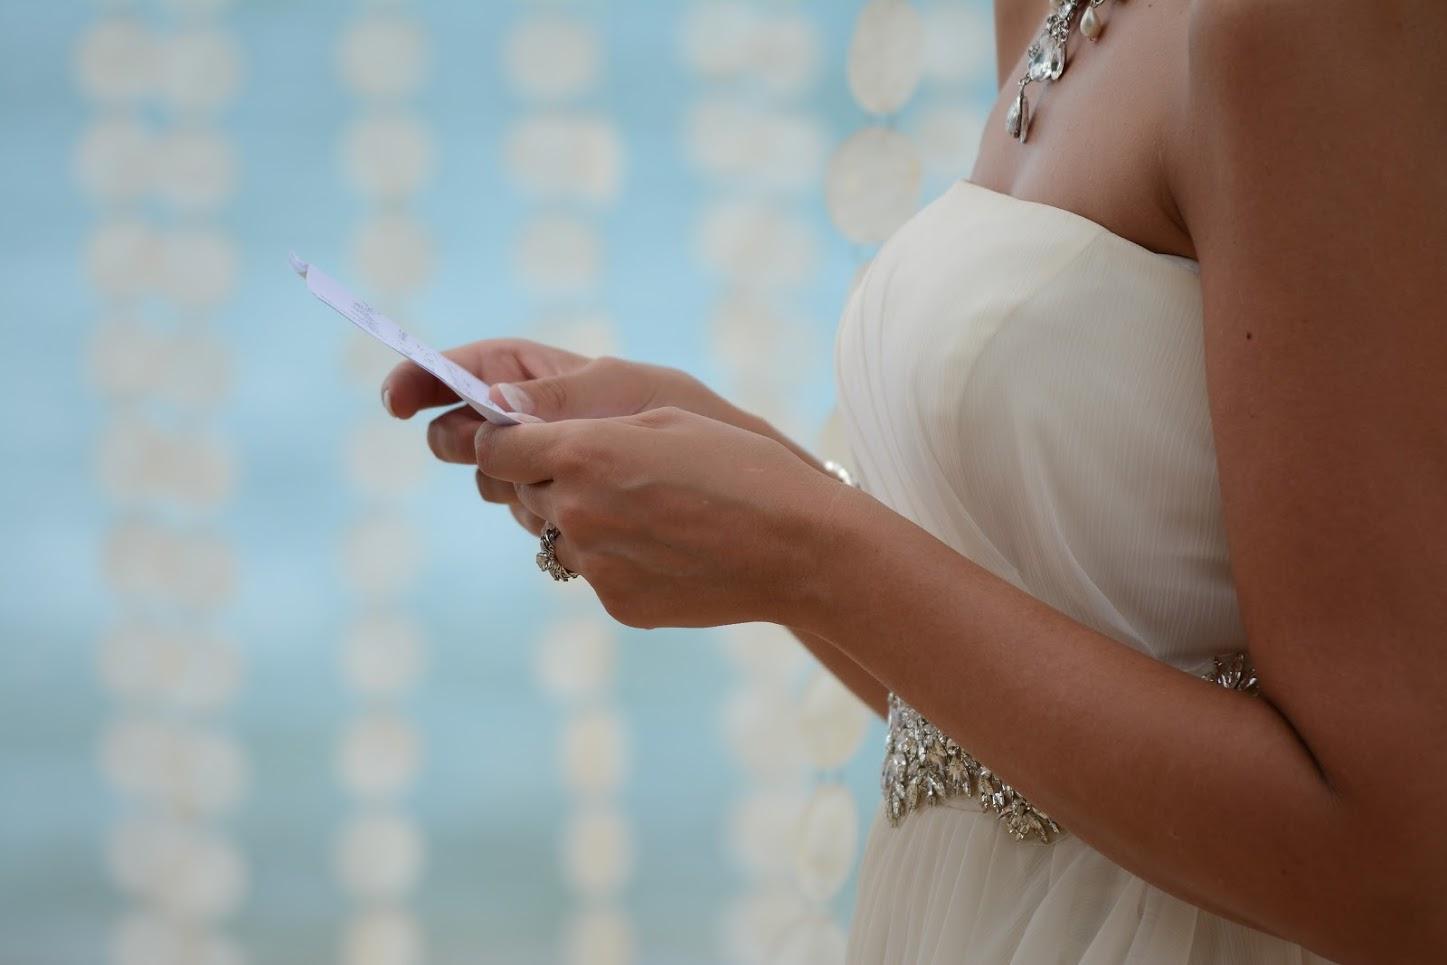 wearing-diablo-engagement-ring